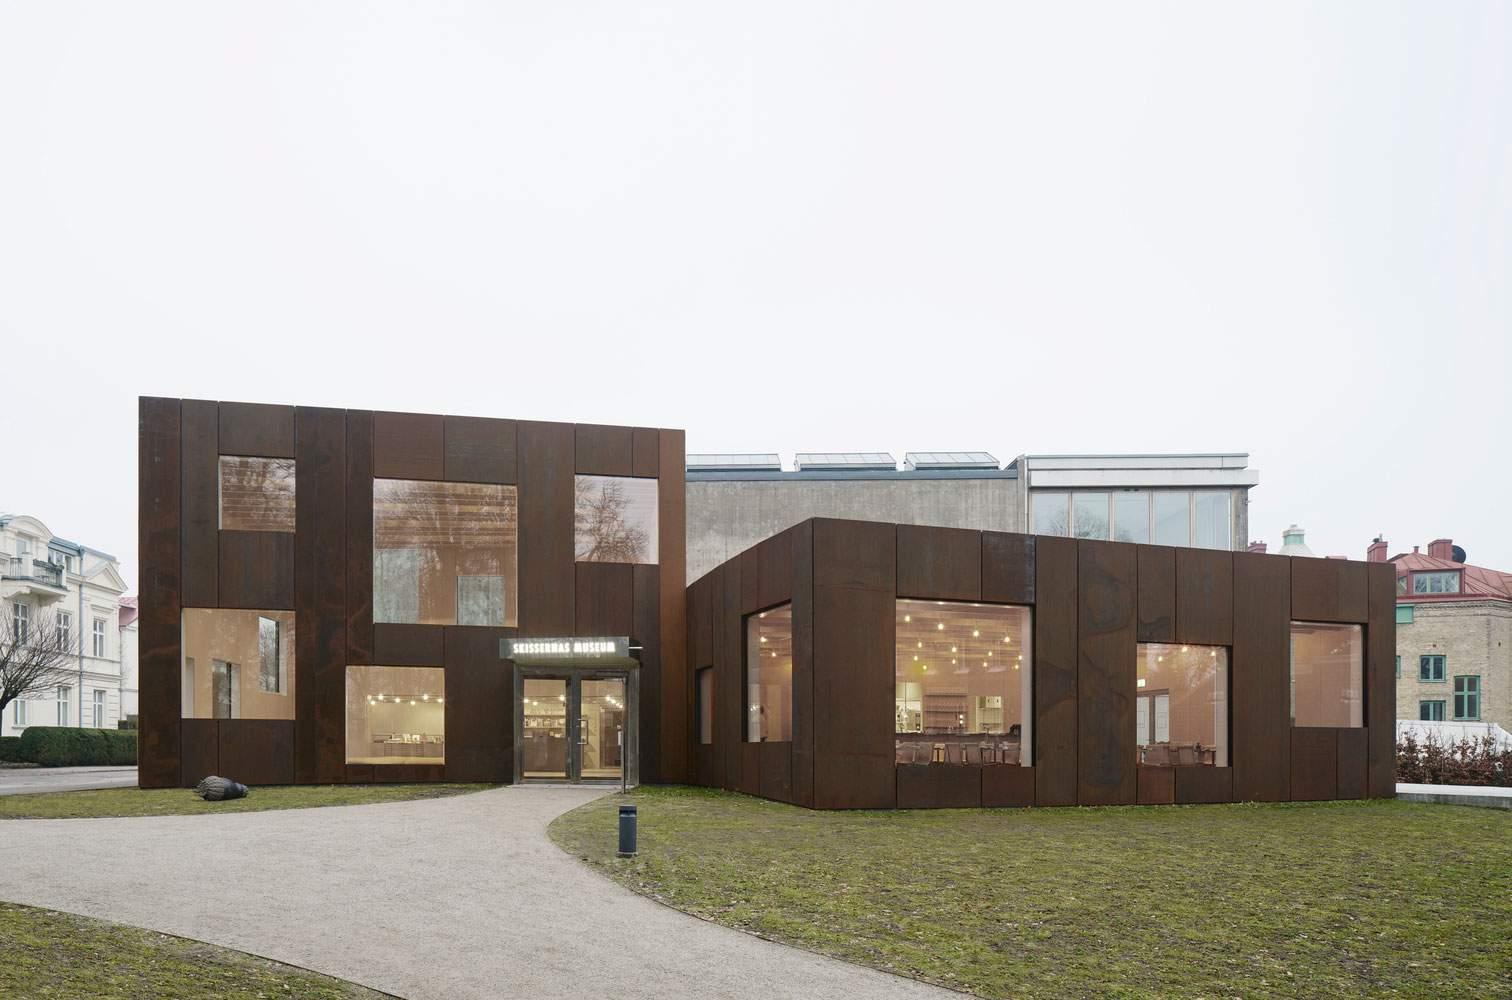 Расширение Музея Skissernas в Лунде, Швеция